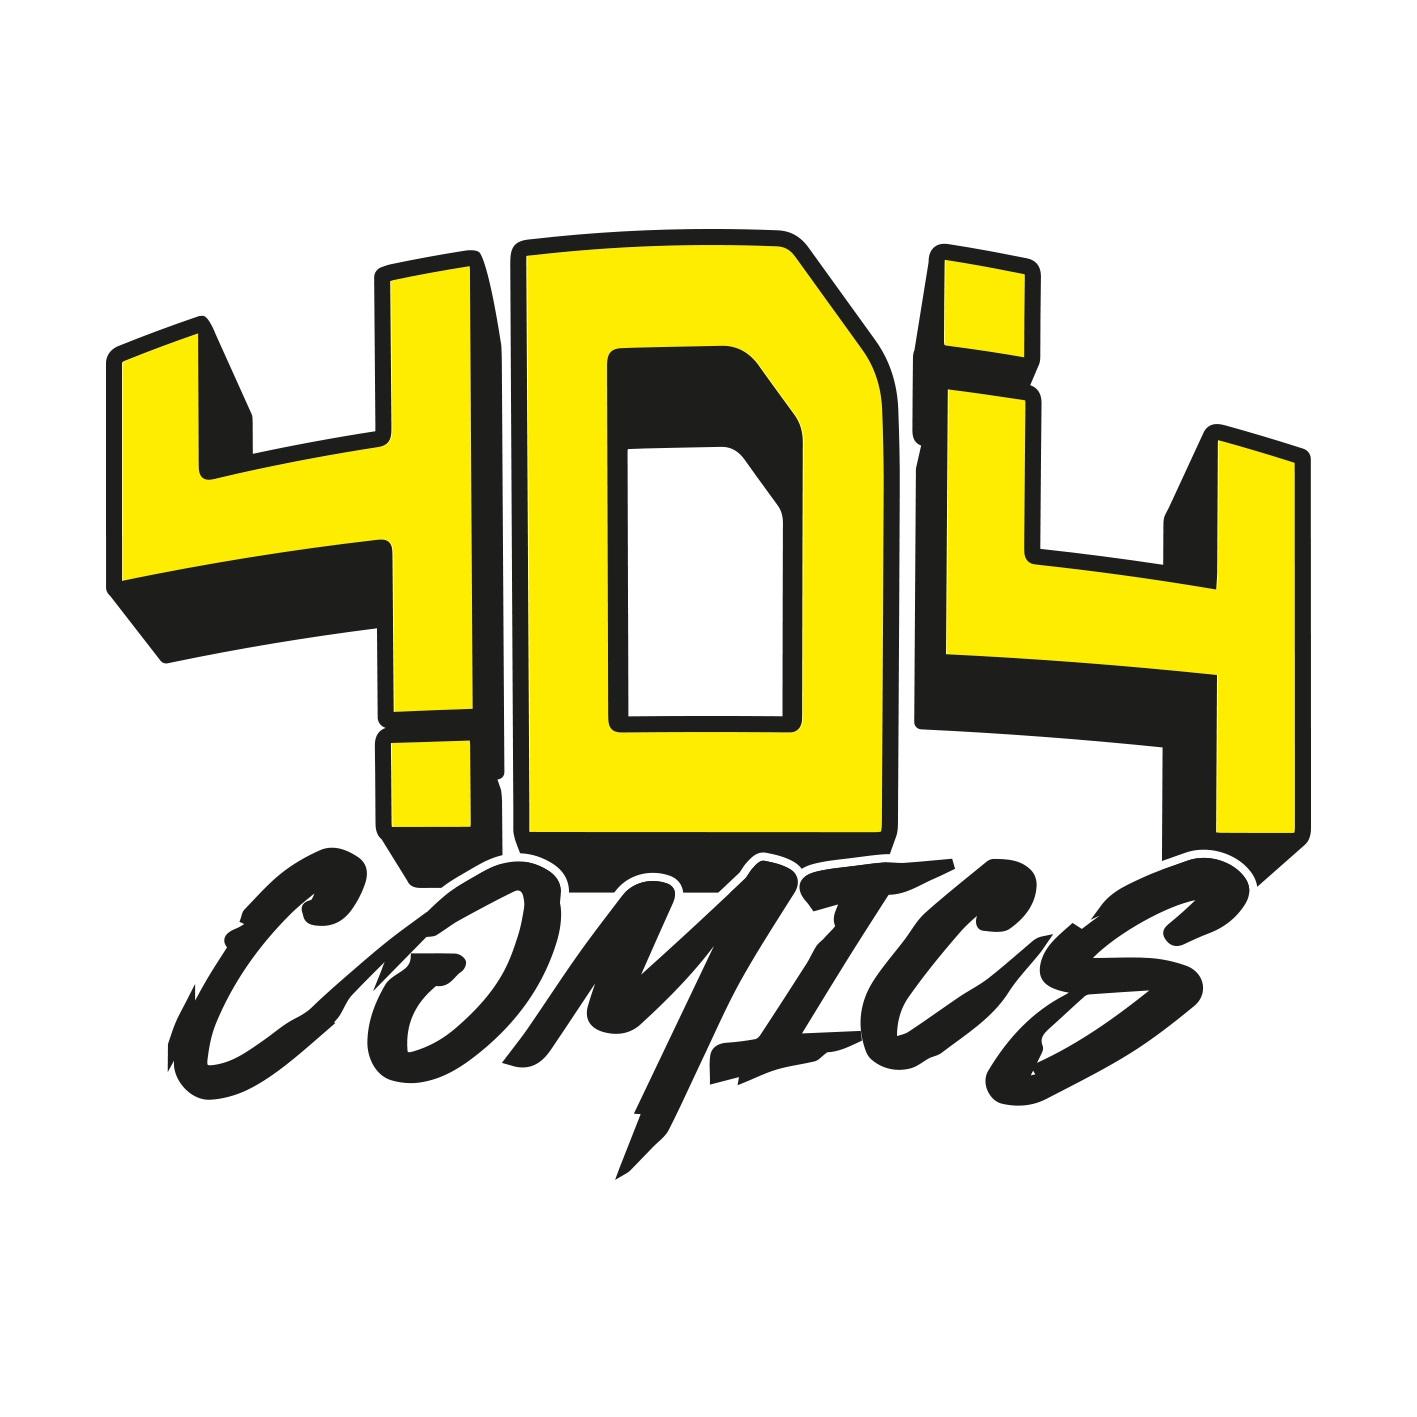 404 Comics